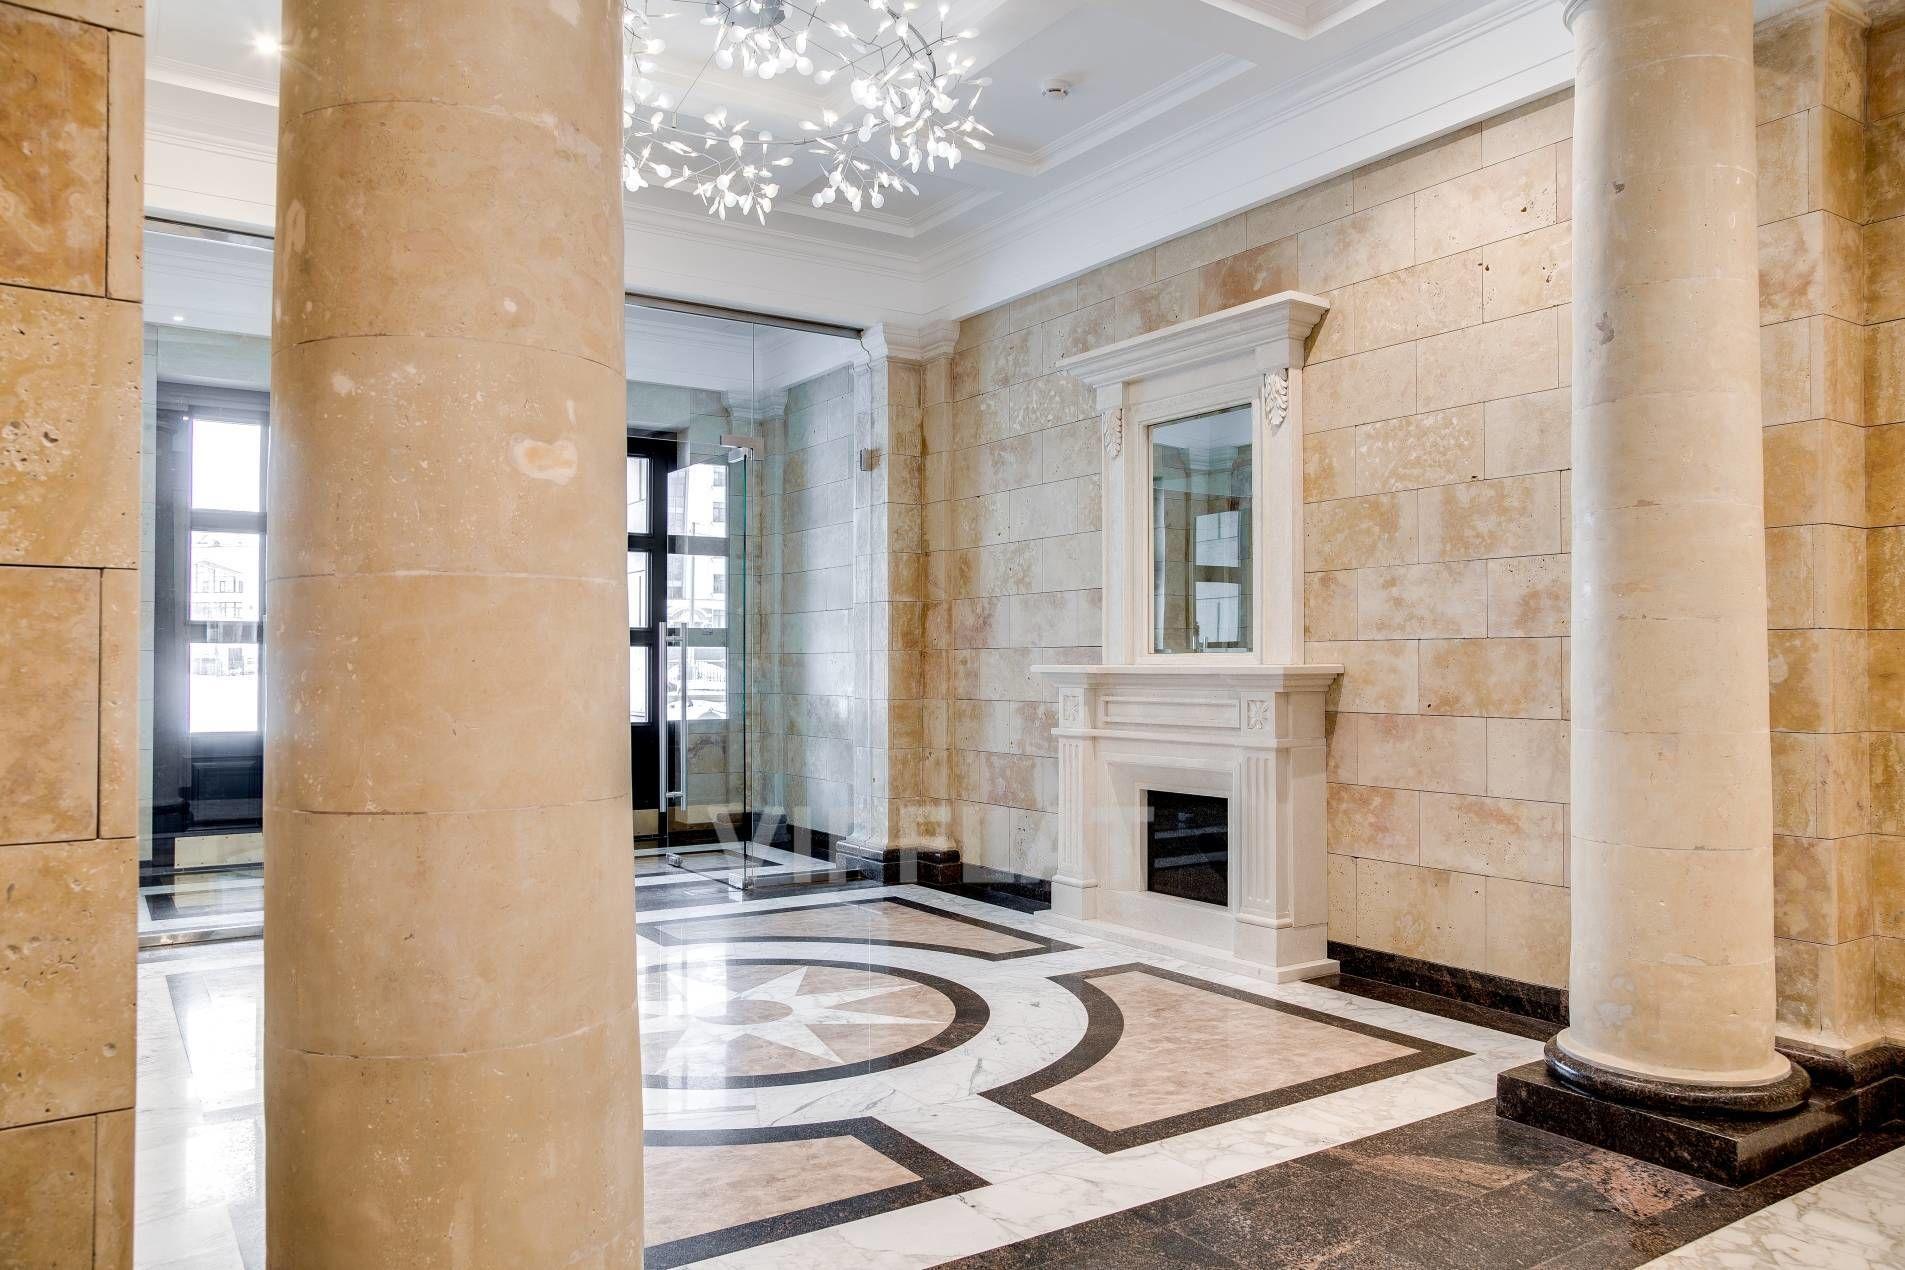 Продажа элитных квартир Санкт-Петербурга. Морской пр., 29 Классические колонны и камин украшают холл